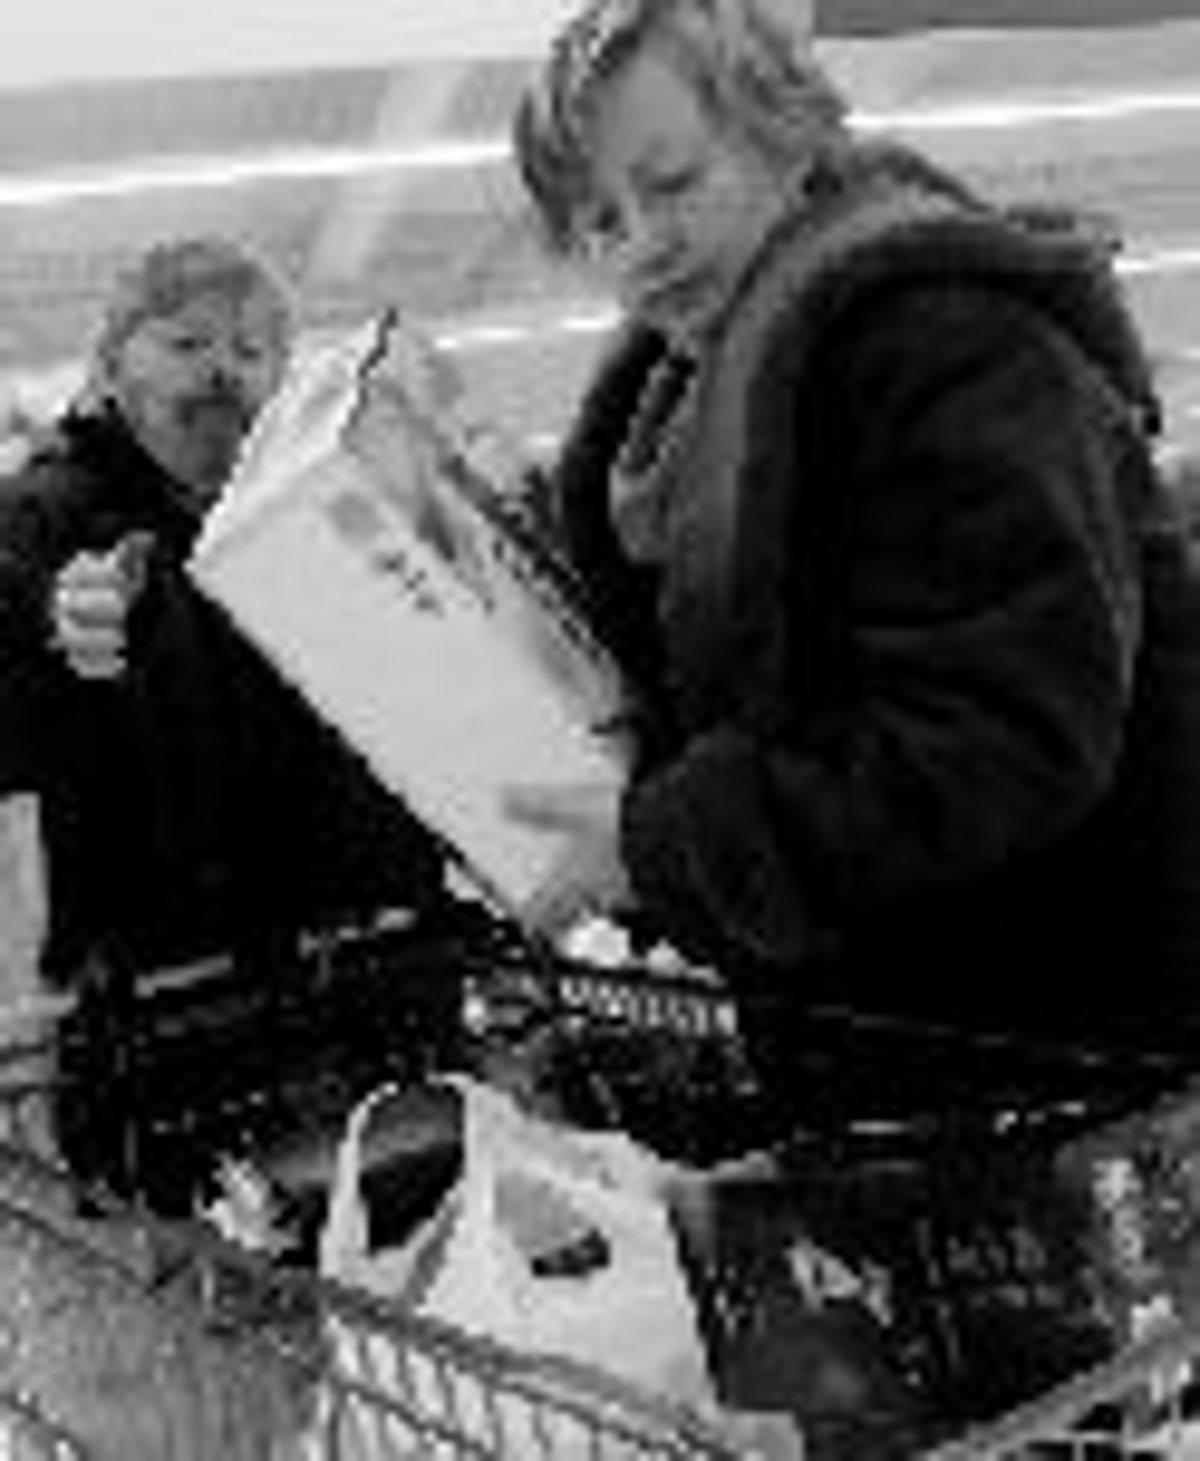 Pozor na chorobné nakupovanie - Primar.Sme.sk 7e9745a0a3d